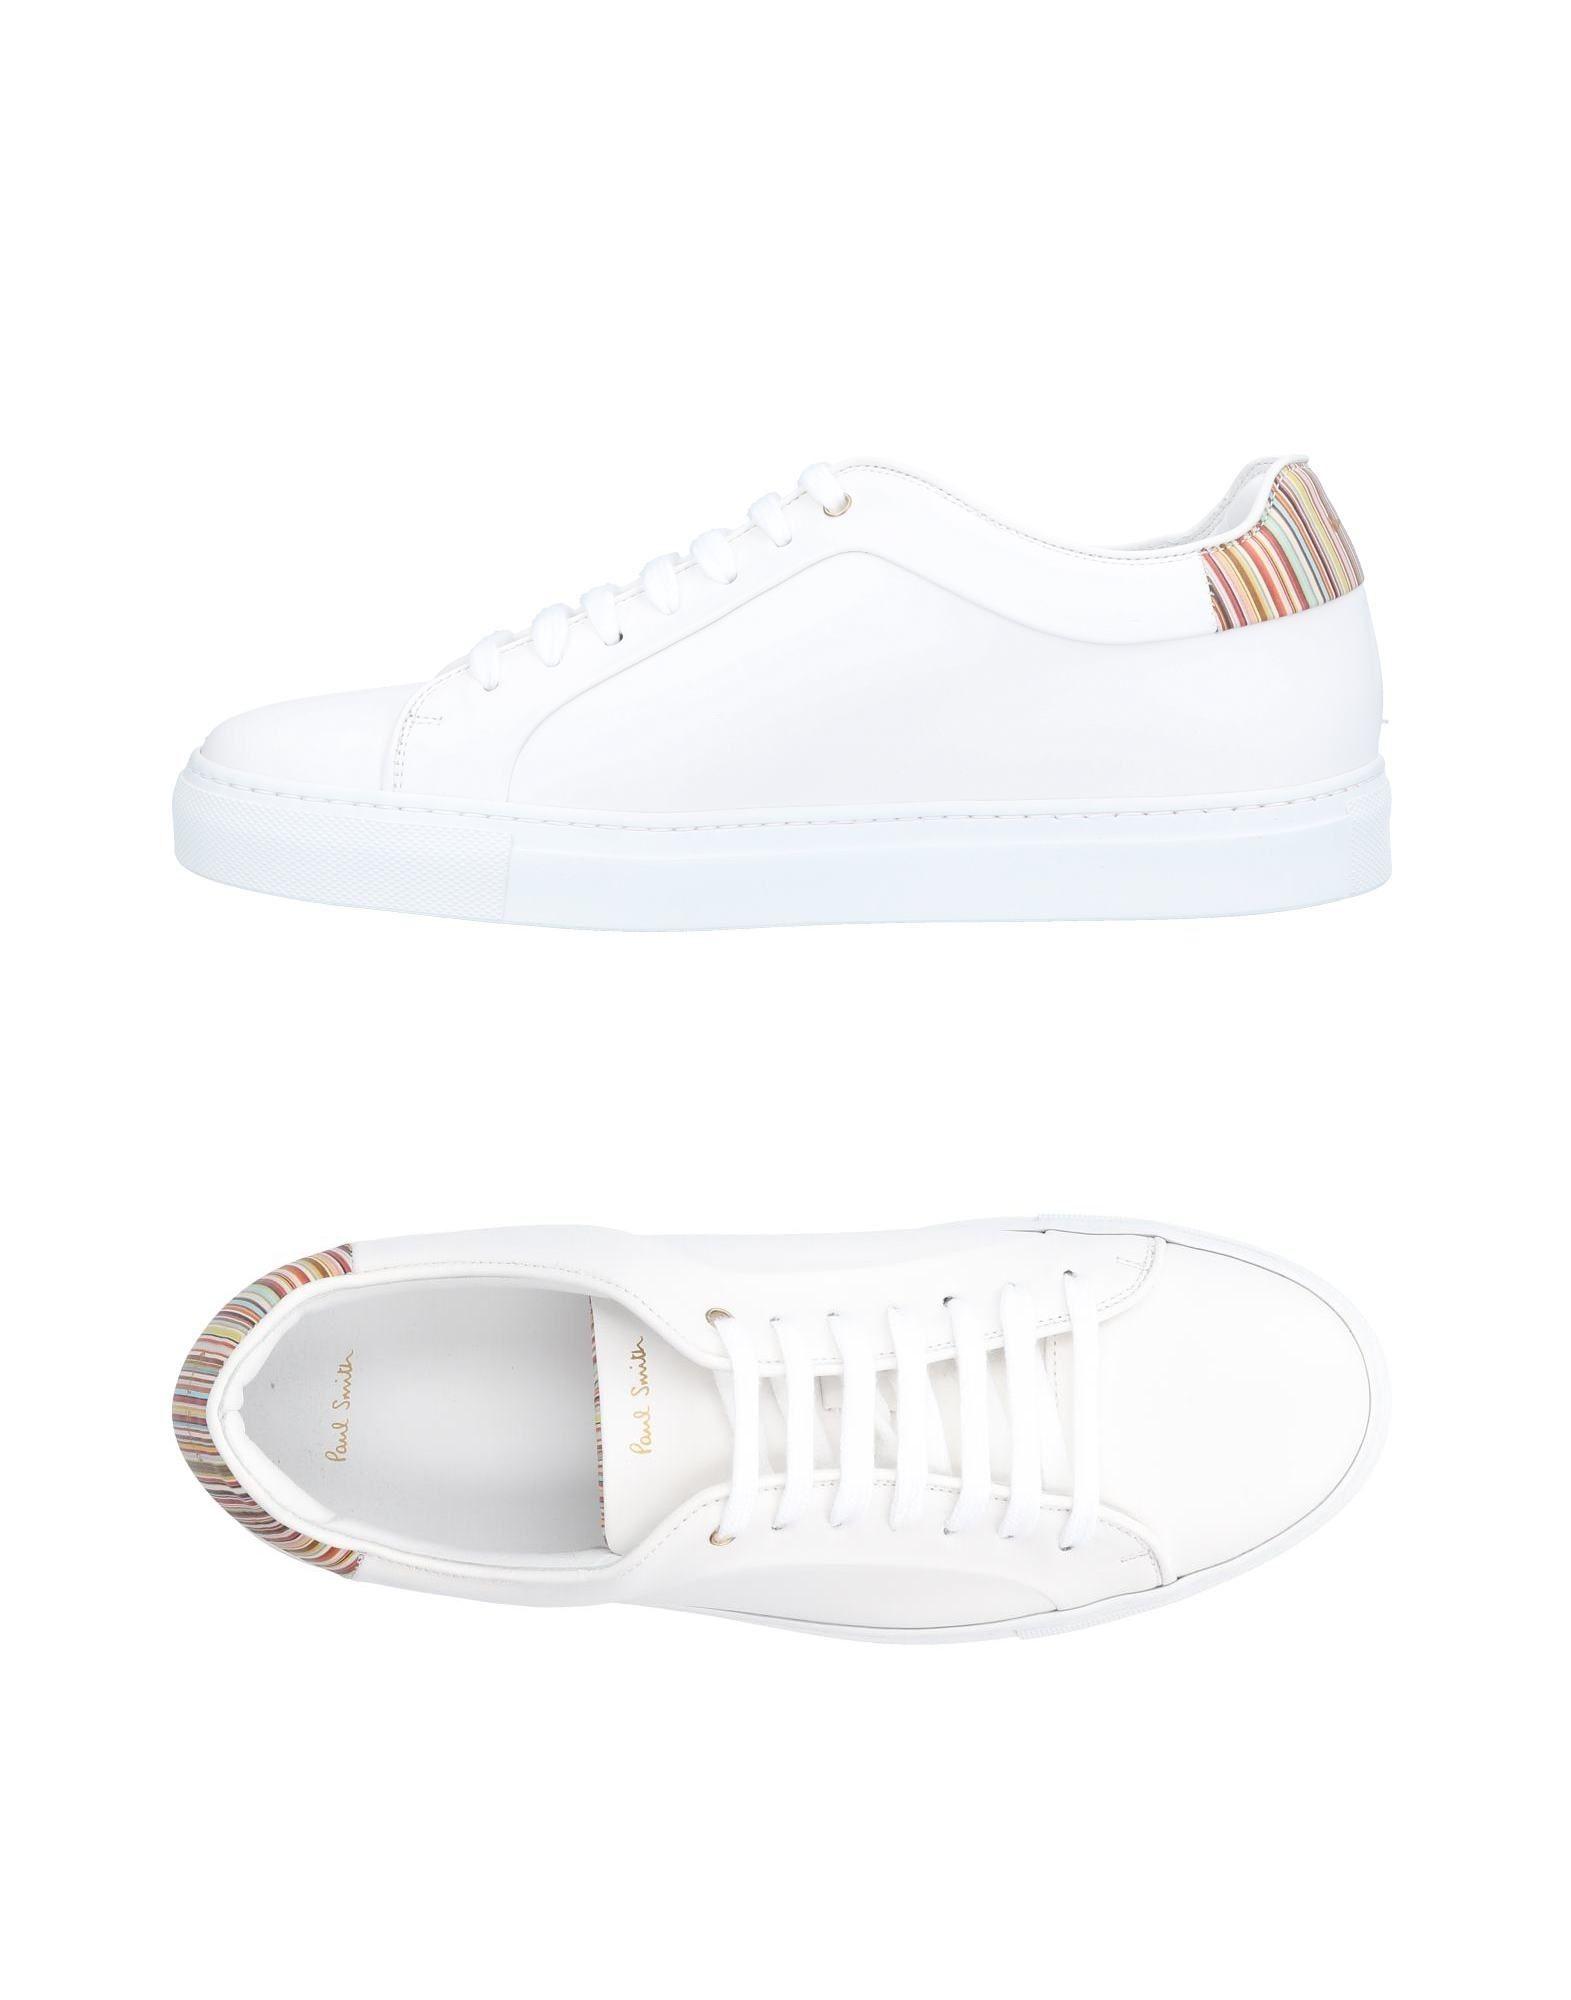 Sneakers Paul Smith Uomo - 11463890GF